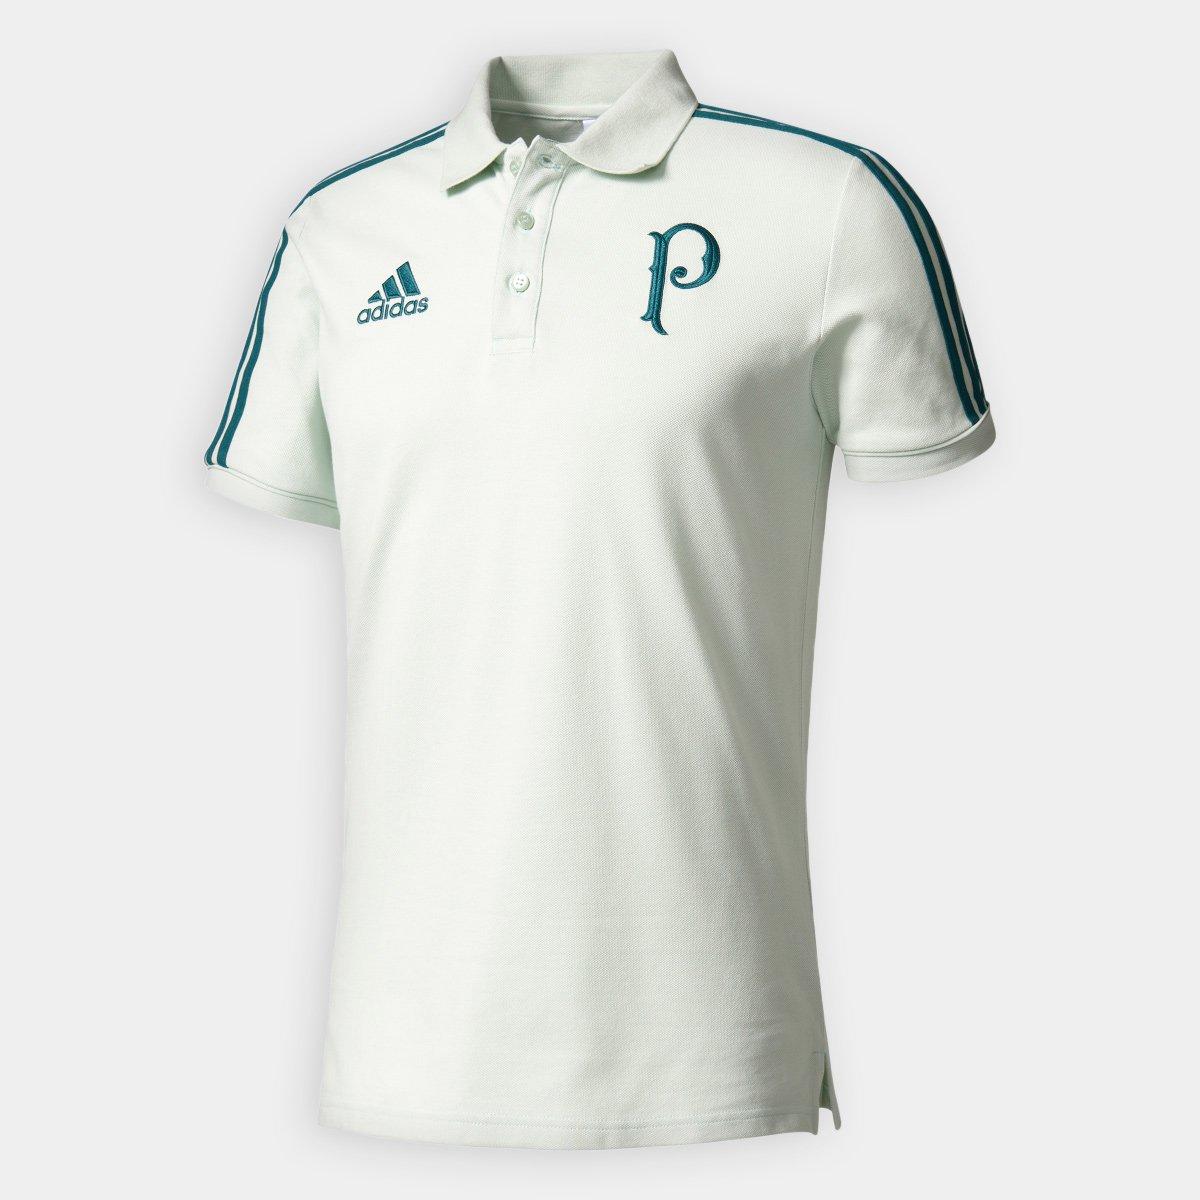 Camisa Polo Palmeiras Adidas Viagem 17 18 Masculino - Verde claro - Compre  Agora  f907b55b4bf65